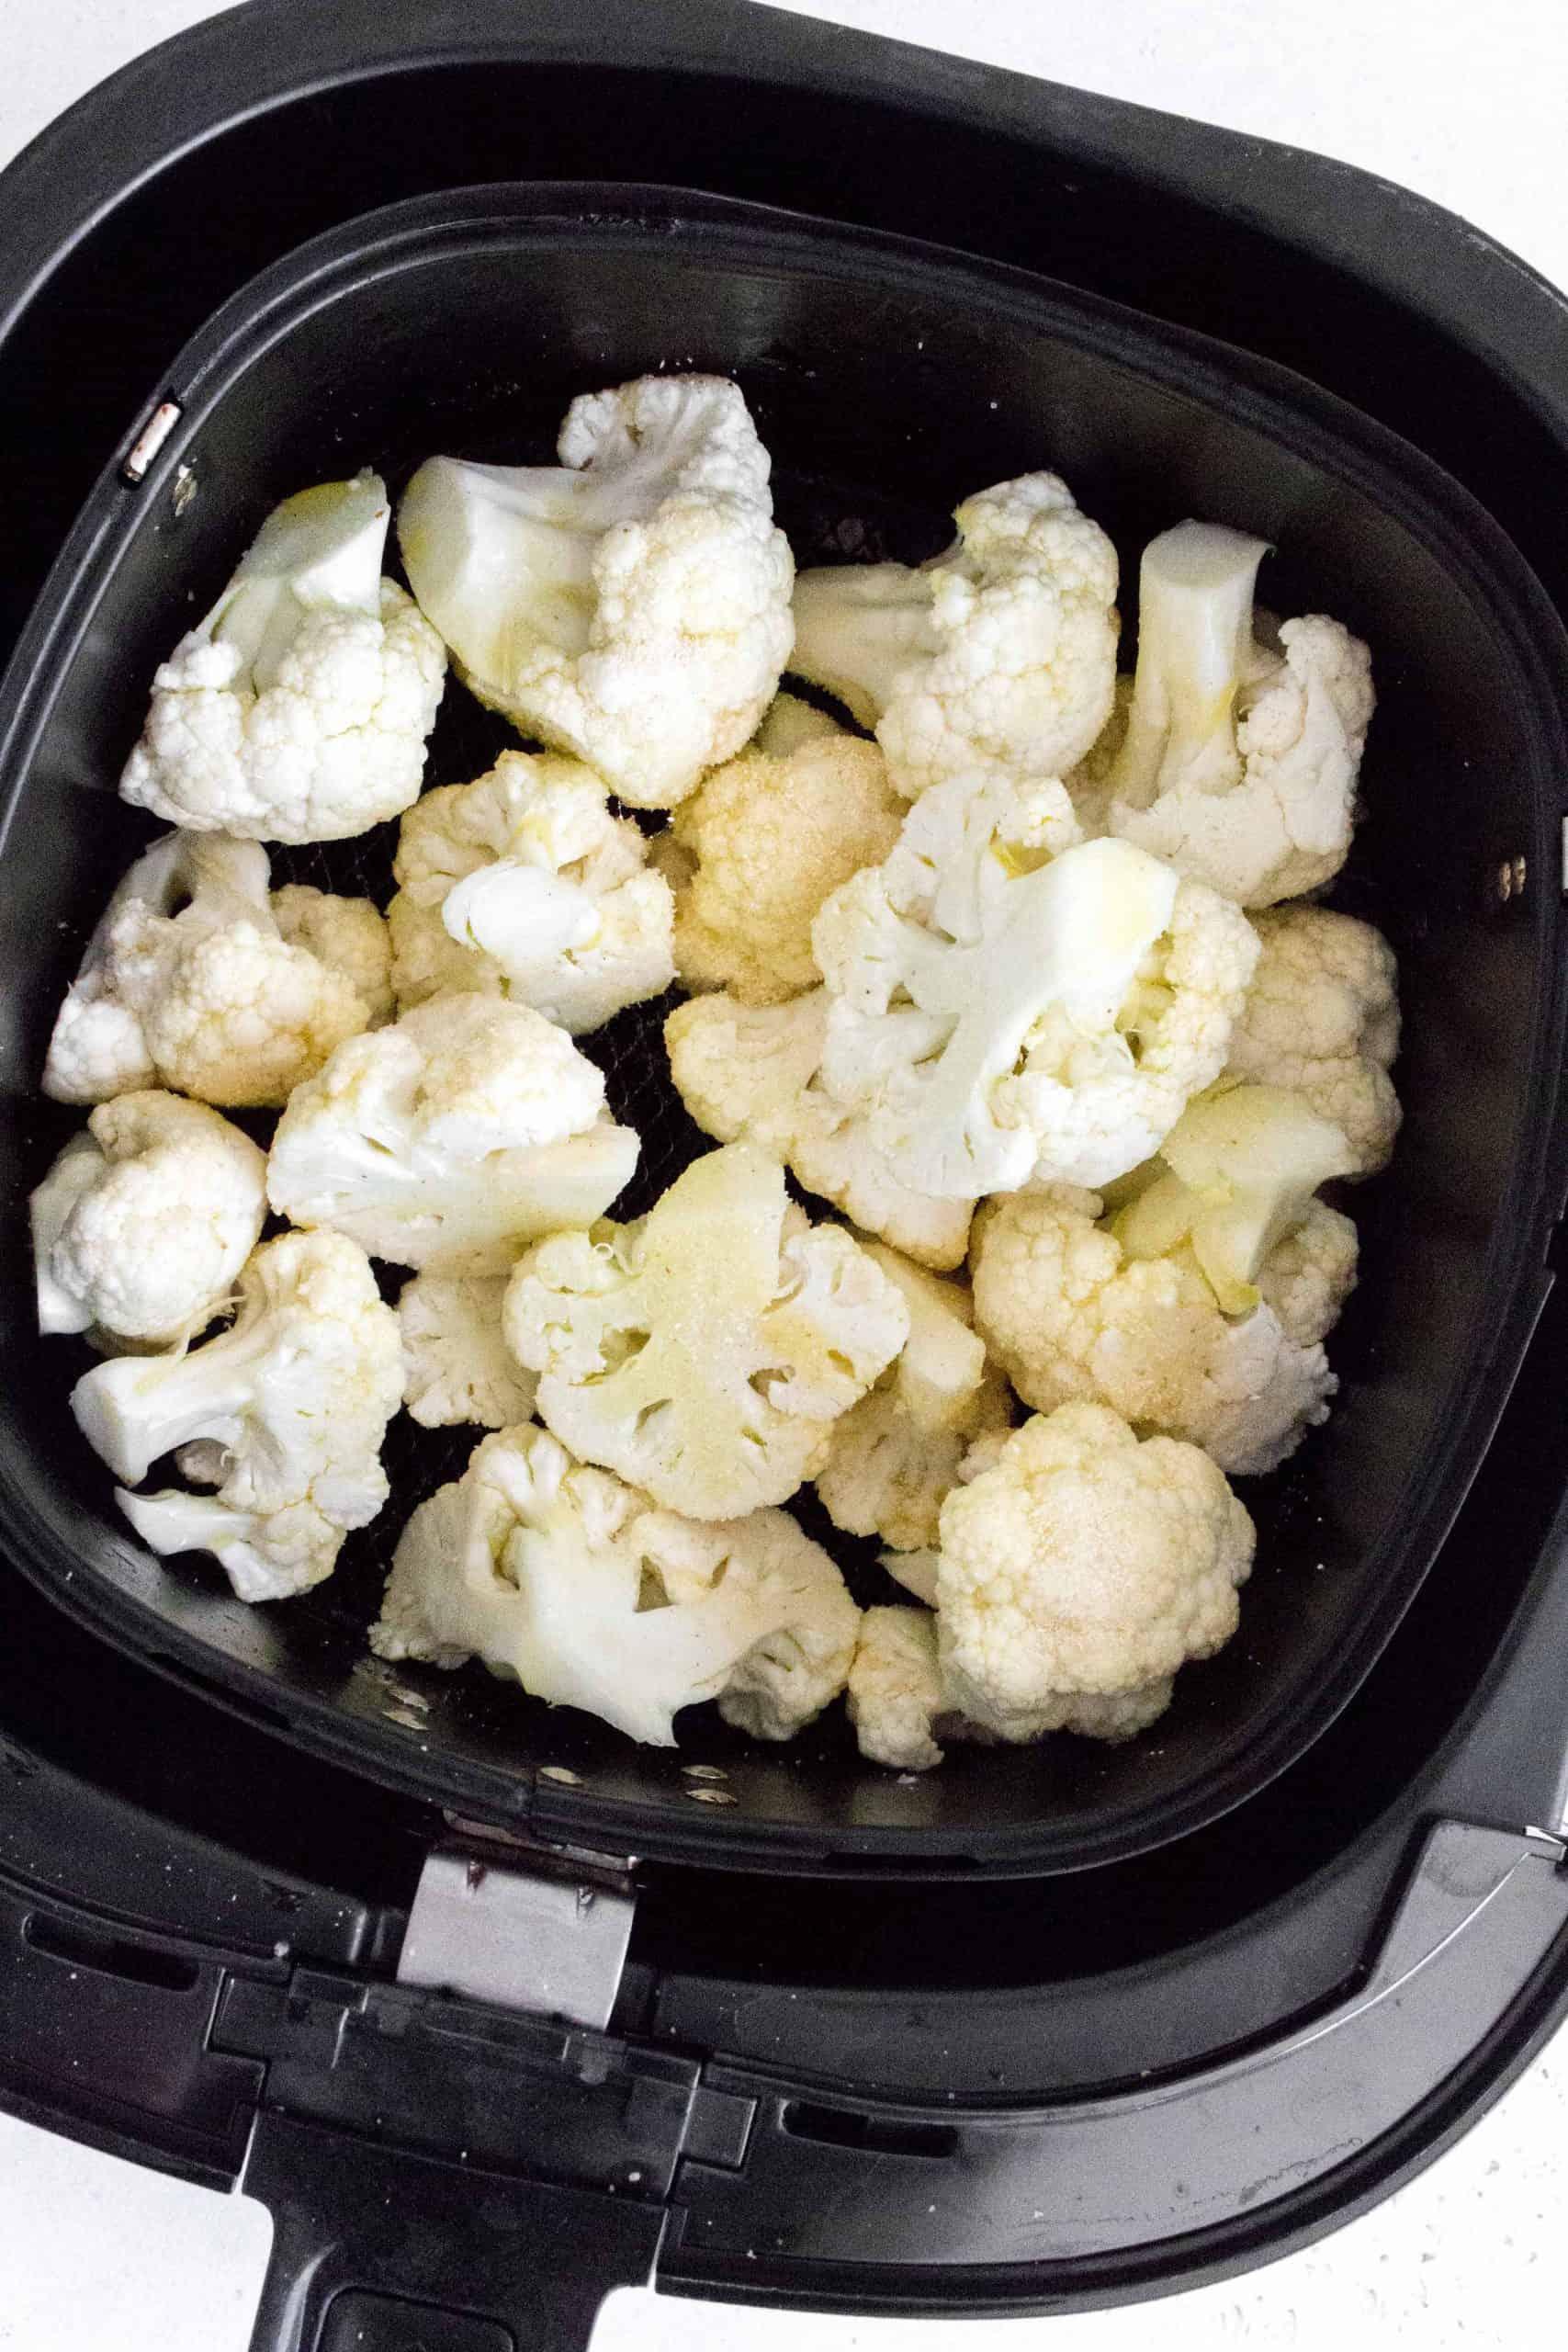 cauliflower inside an air fryer basket